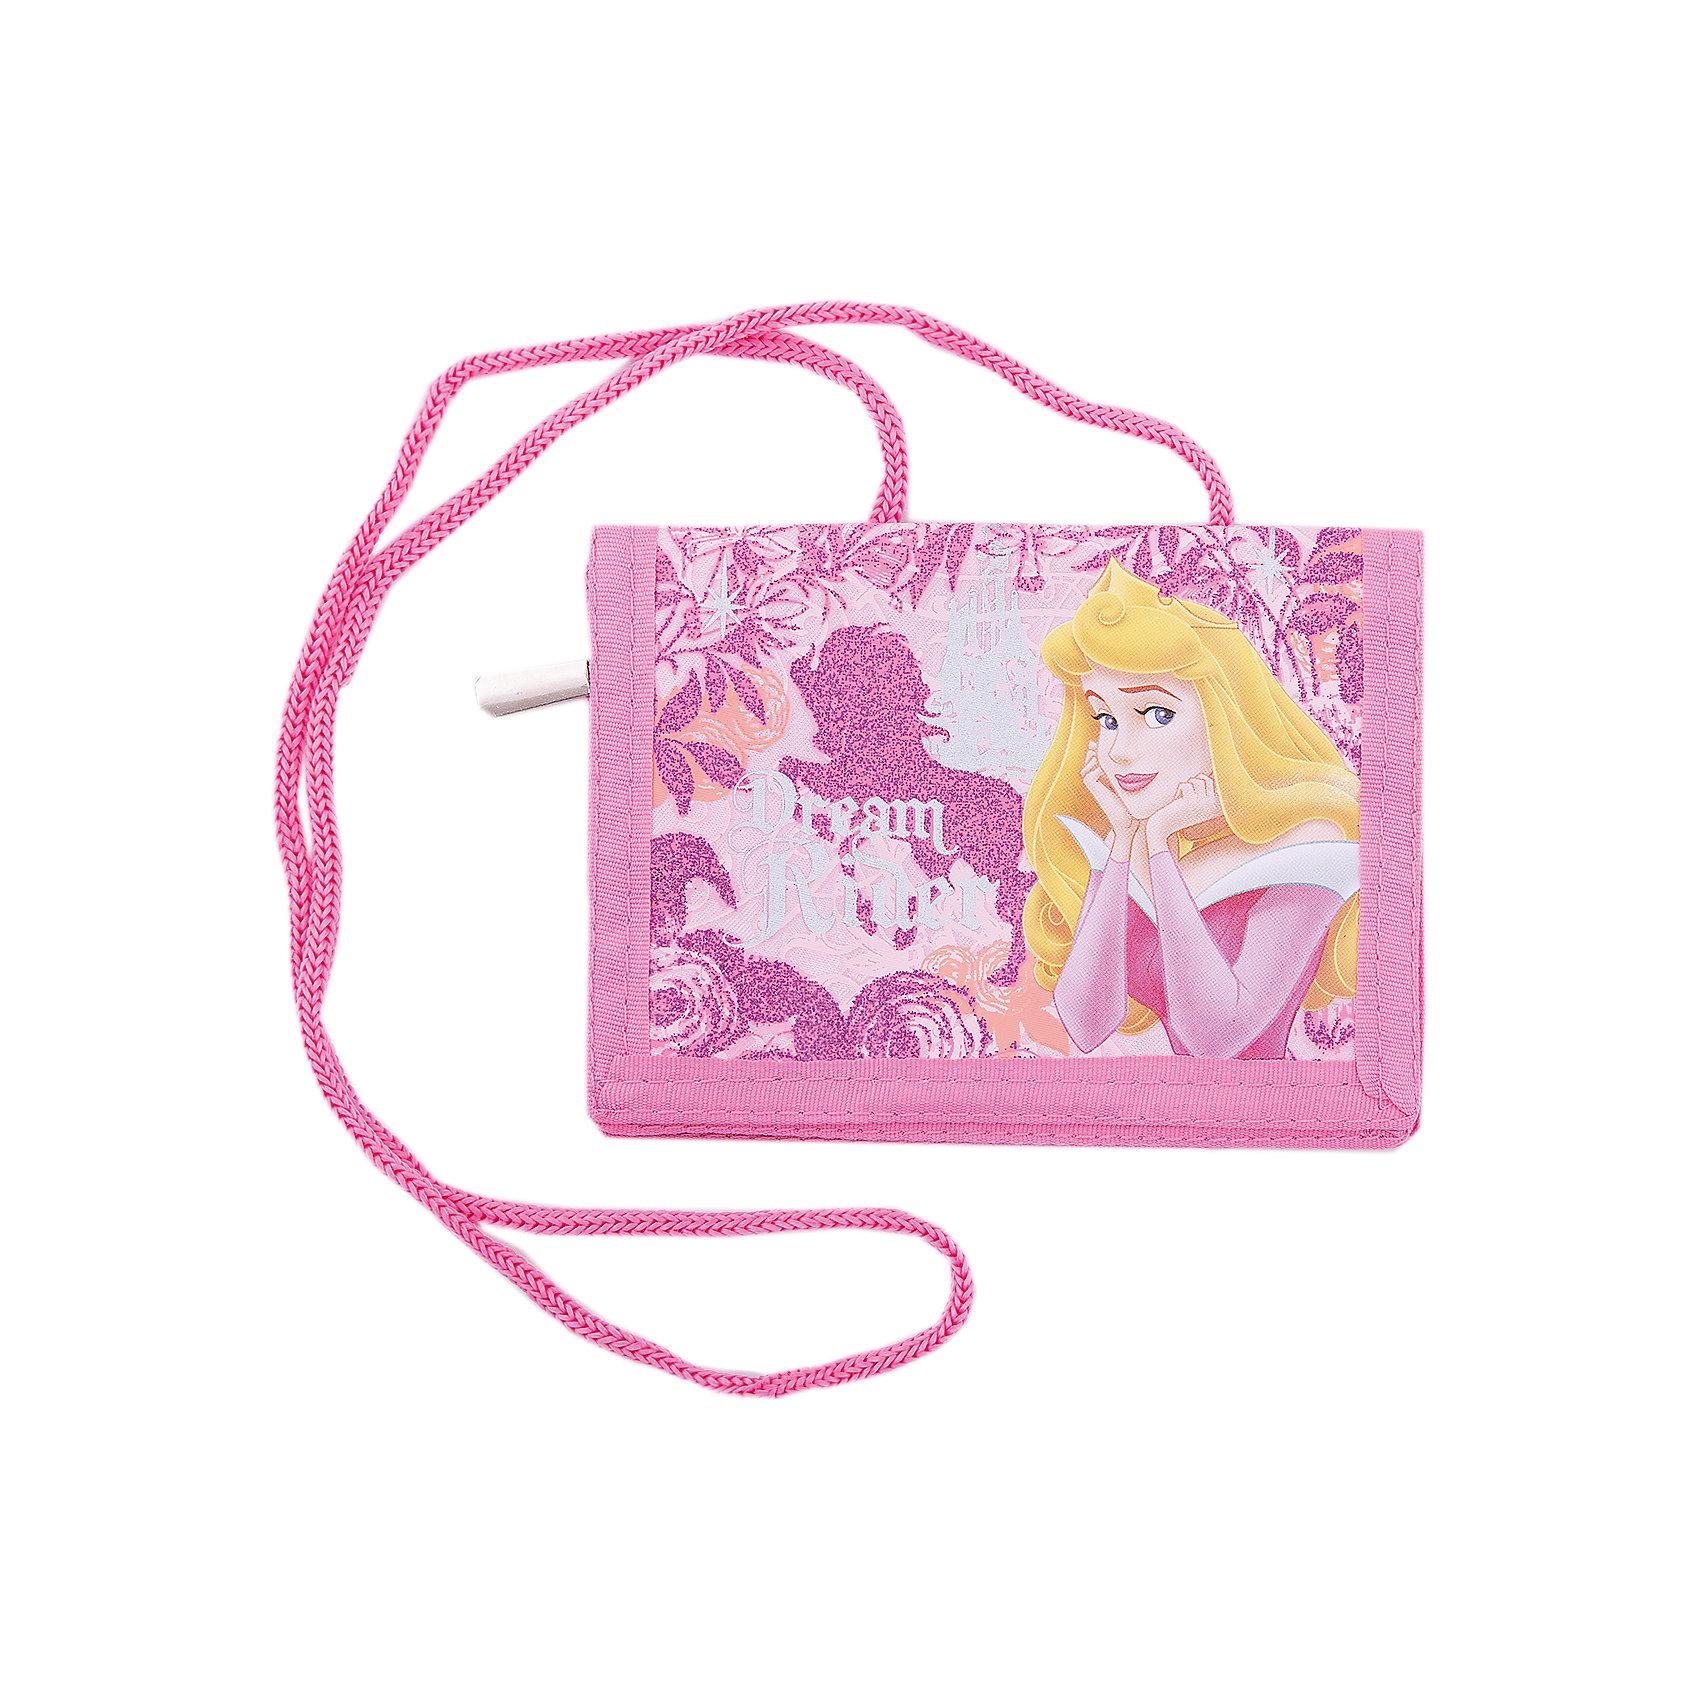 Кошелек, Принцессы ДиснейПринцессы Дисней<br>Характеристики Товара:<br><br>• цвет: розовый<br>• размер: 10х14х5 см<br>• на шнурке<br>• материал: текстиль<br>• прочный материал<br>• принт: принцессы Дисней<br><br>Хранить карманные деньги приятнее всего в красивом кошельке! Такое изделие поможет ребенку аккуратно складывать и всегда иметь под рукой нужные мелочи. Удобный формат, надежная застежка, яркие цвета, качественное исполнение!<br>Что особенно понравится девочкам - изделие украшено ярким красивым принтом с принцессами Диснея. Подруги будут завидовать! Отличный вариант маленького подарка для девочек. Товар производится из качественных и проверенных материалов, которые безопасны для детей.<br><br>Кошелек, Принцессы Дисней, можно купить в нашем интернет-магазине.<br><br>Ширина мм: 100<br>Глубина мм: 140<br>Высота мм: 5<br>Вес г: 86<br>Возраст от месяцев: 60<br>Возраст до месяцев: 84<br>Пол: Женский<br>Возраст: Детский<br>SKU: 5218463